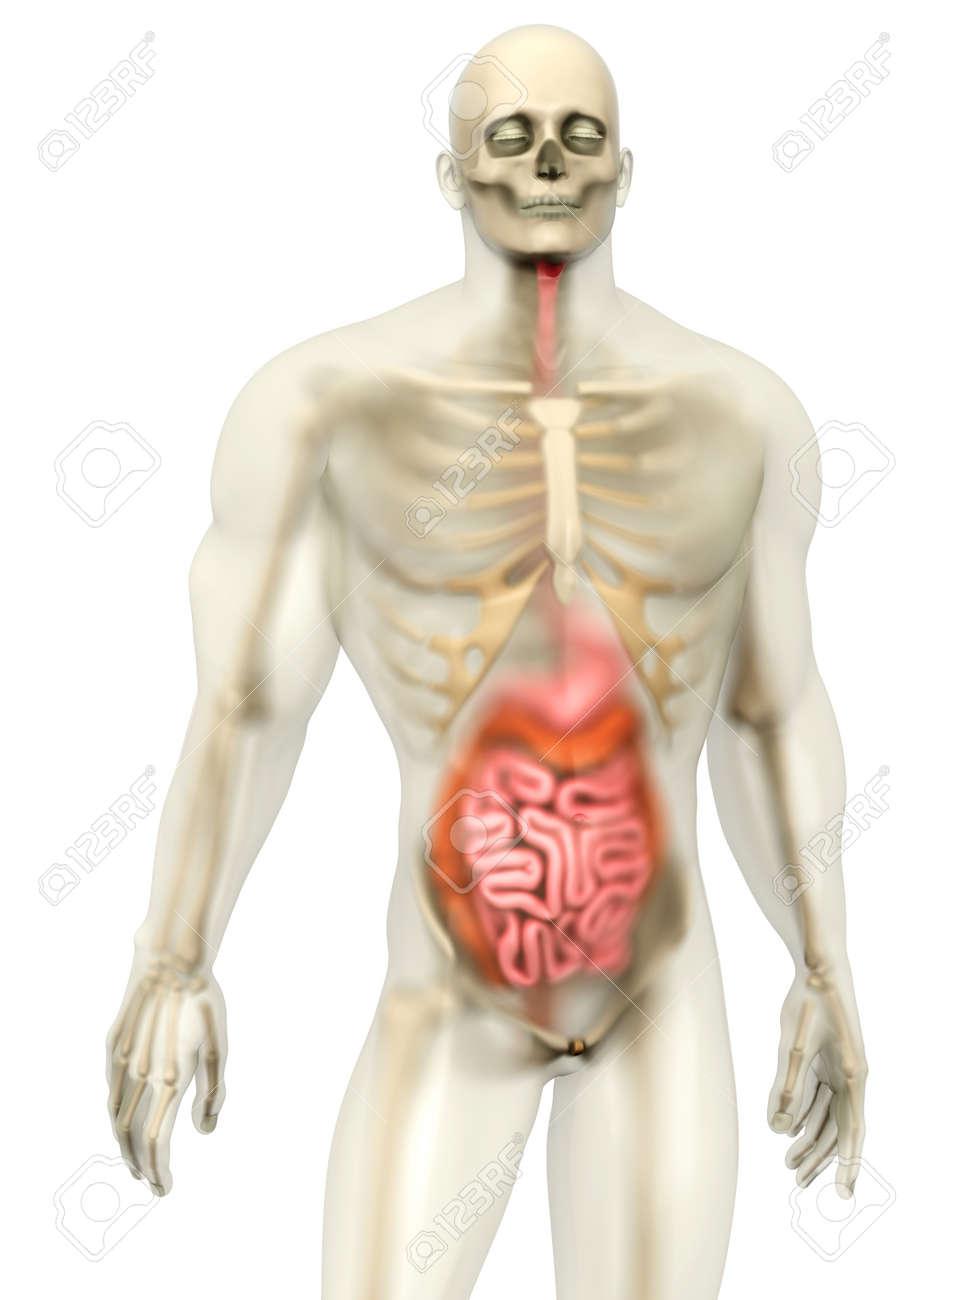 3D-Visualisierung Der Menschlichen Anatomie. Das Verdauungssystem In ...